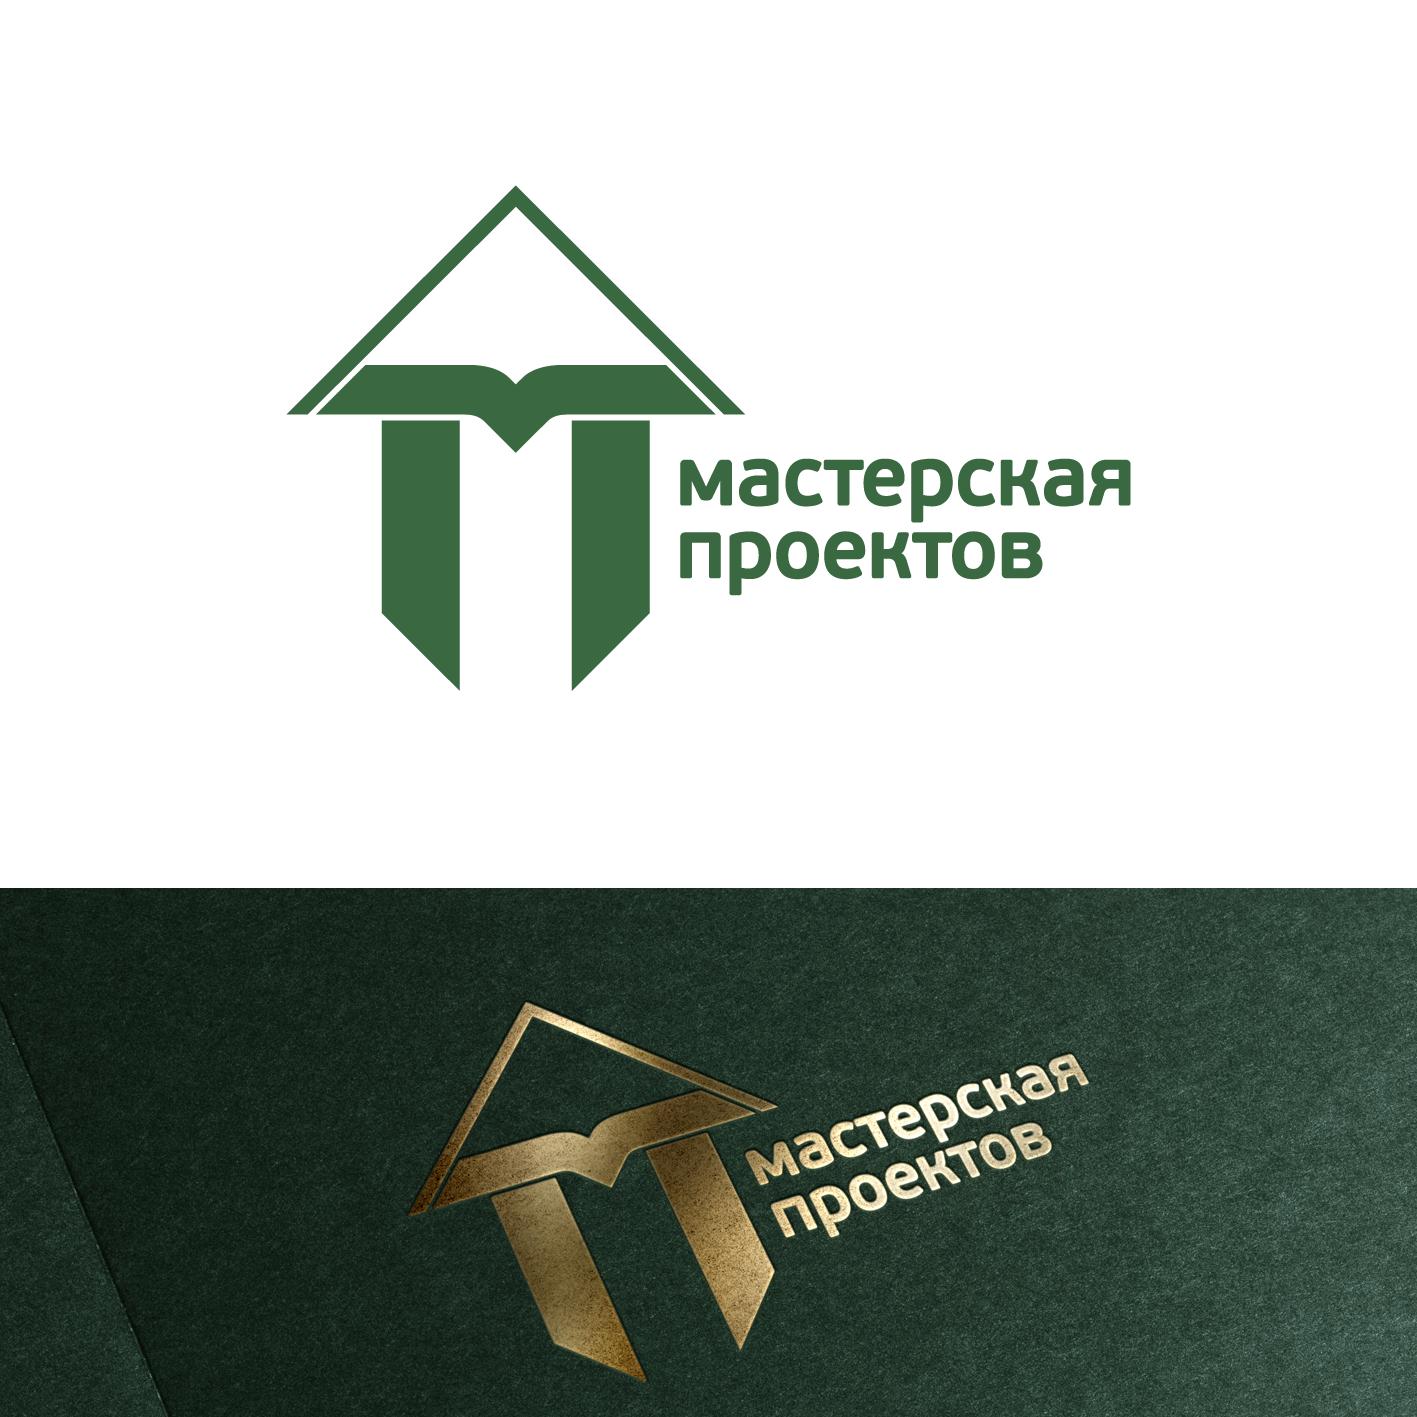 Разработка логотипа строительно-мебельного проекта (см. опис фото f_794606c66090f319.png